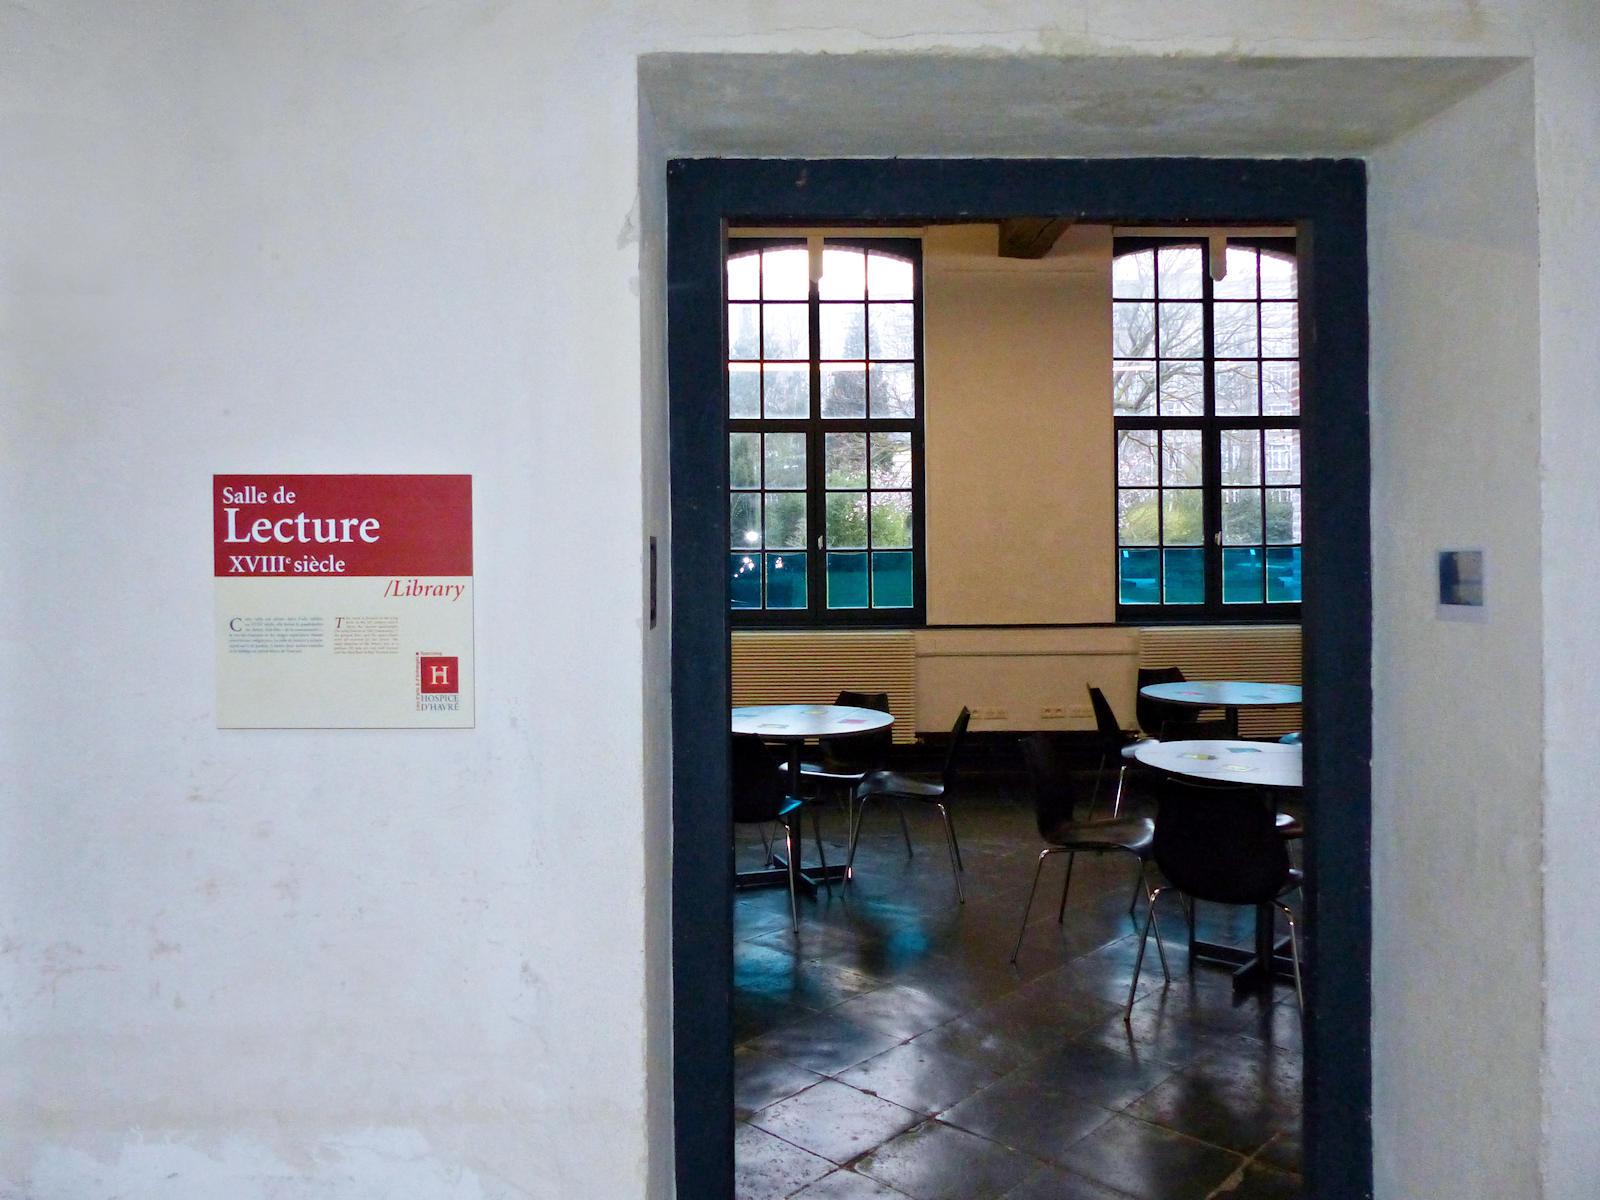 L'entrée de la salle de lecture du cloître